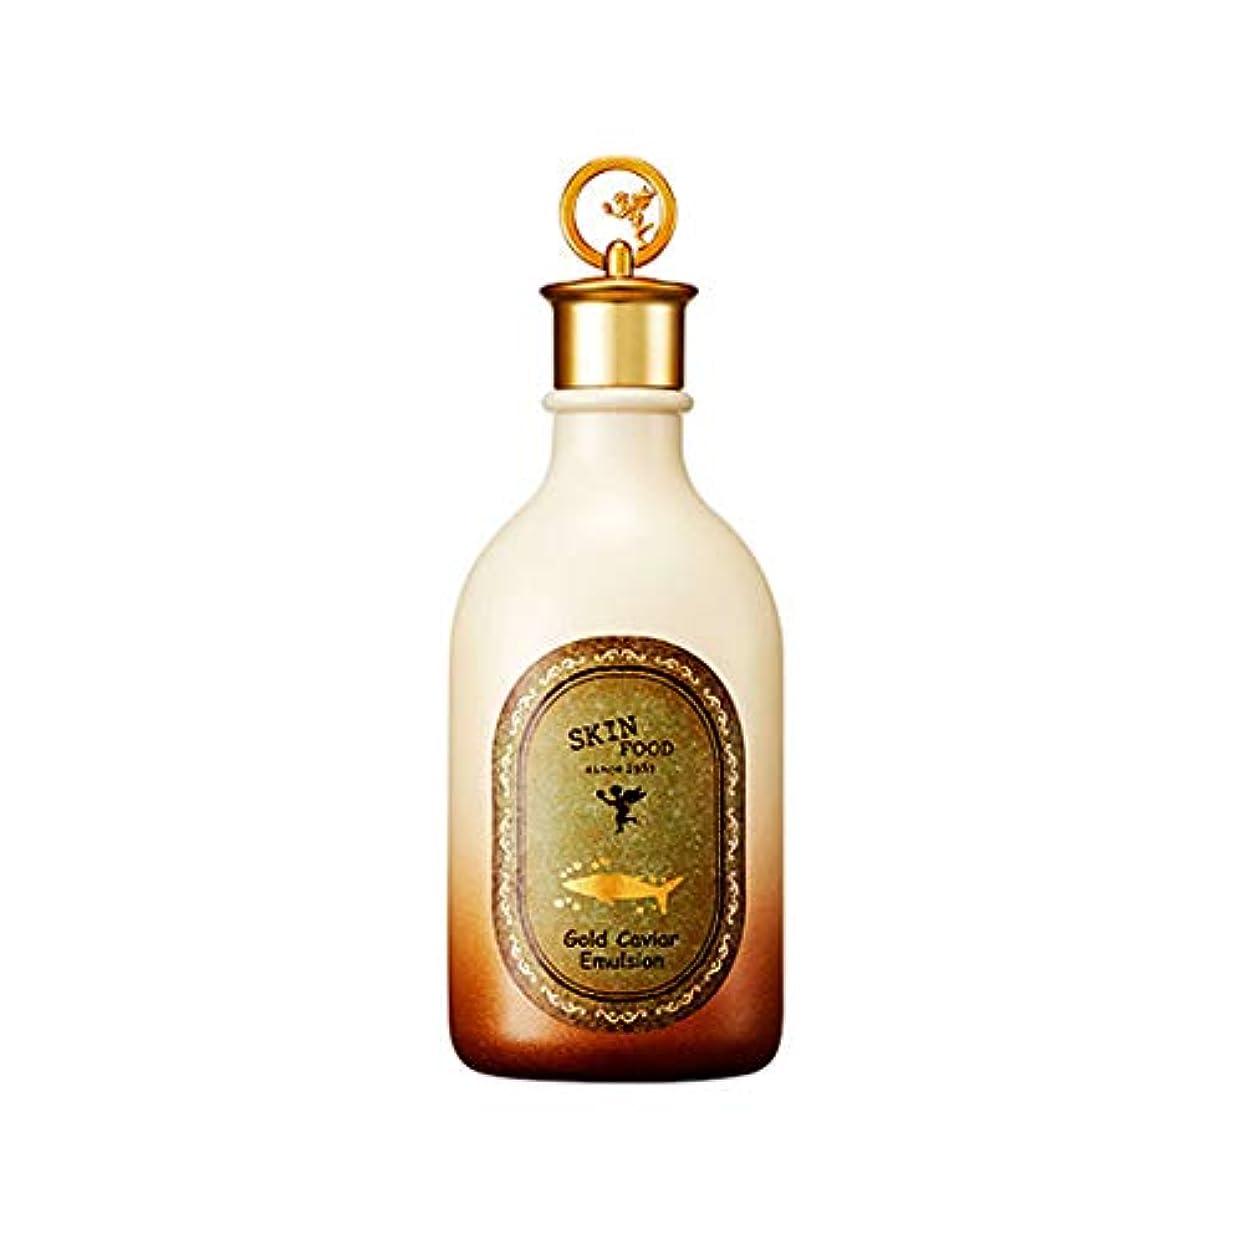 洗う太陽アンカーSkinfood ゴールドキャビアエマルジョン(しわケア) / Gold Caviar Emulsion (Wrinkle care) 145ml [並行輸入品]